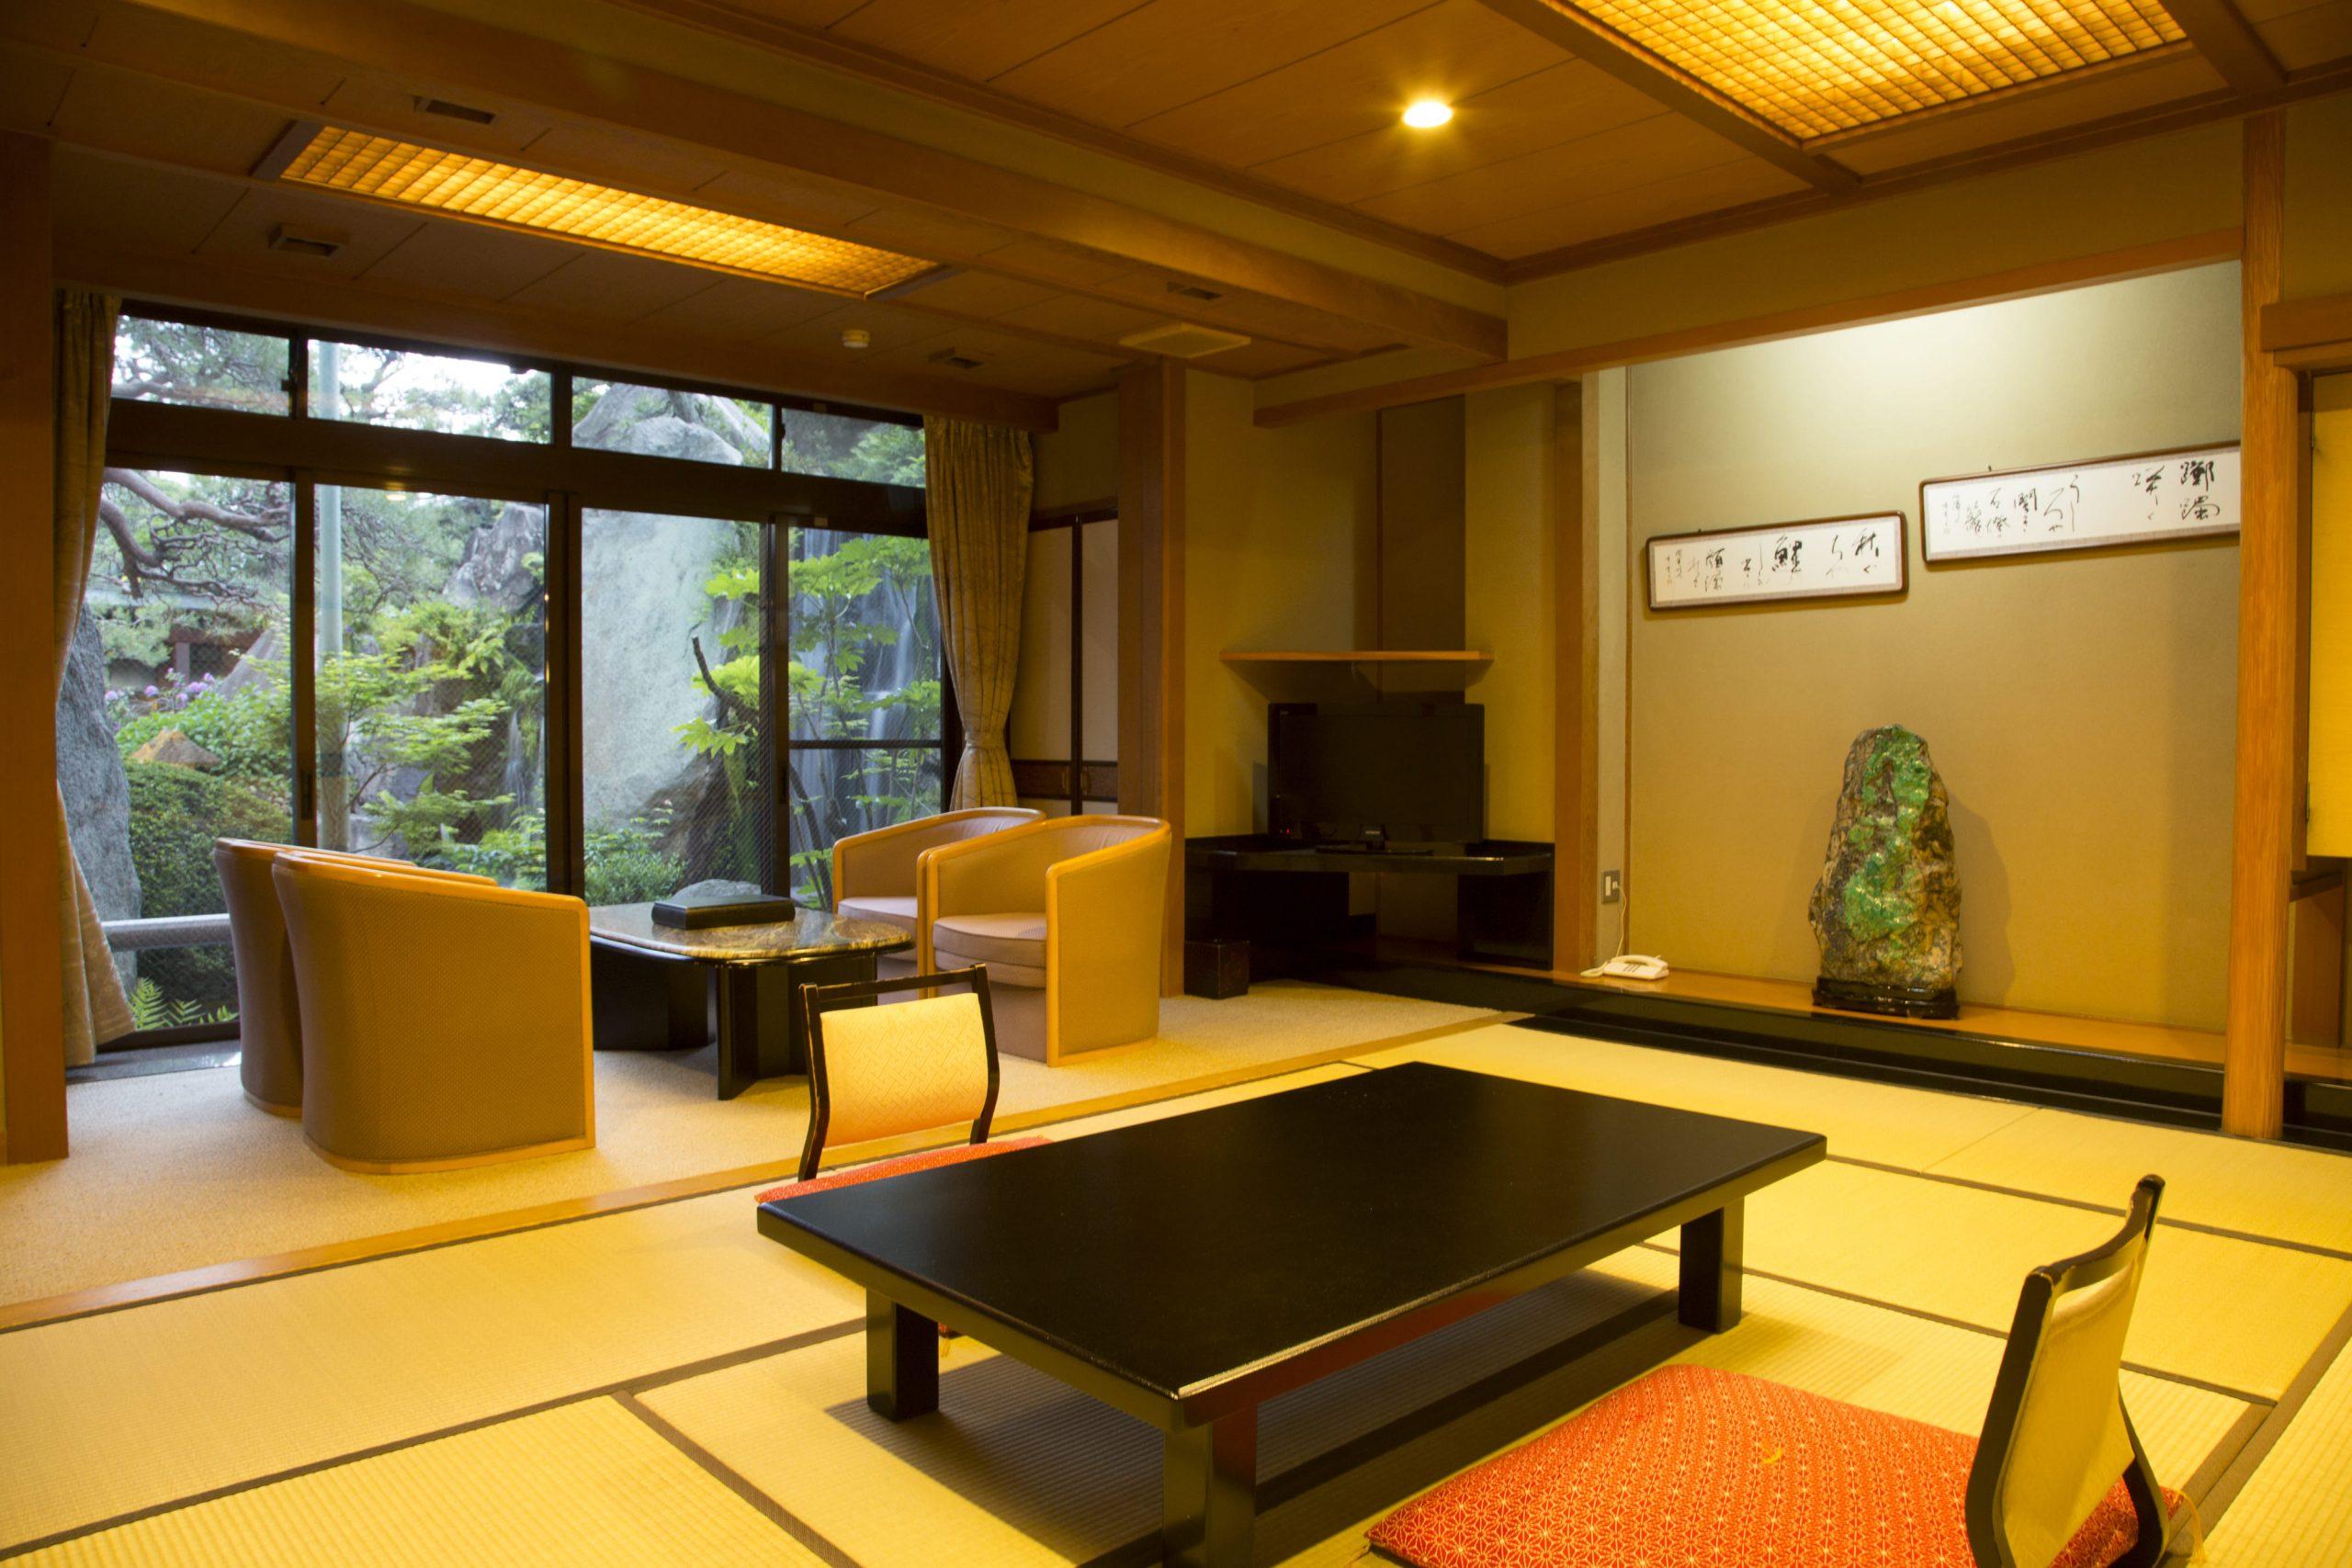 純和風の造りが、ほっと心落ち着く客室です。